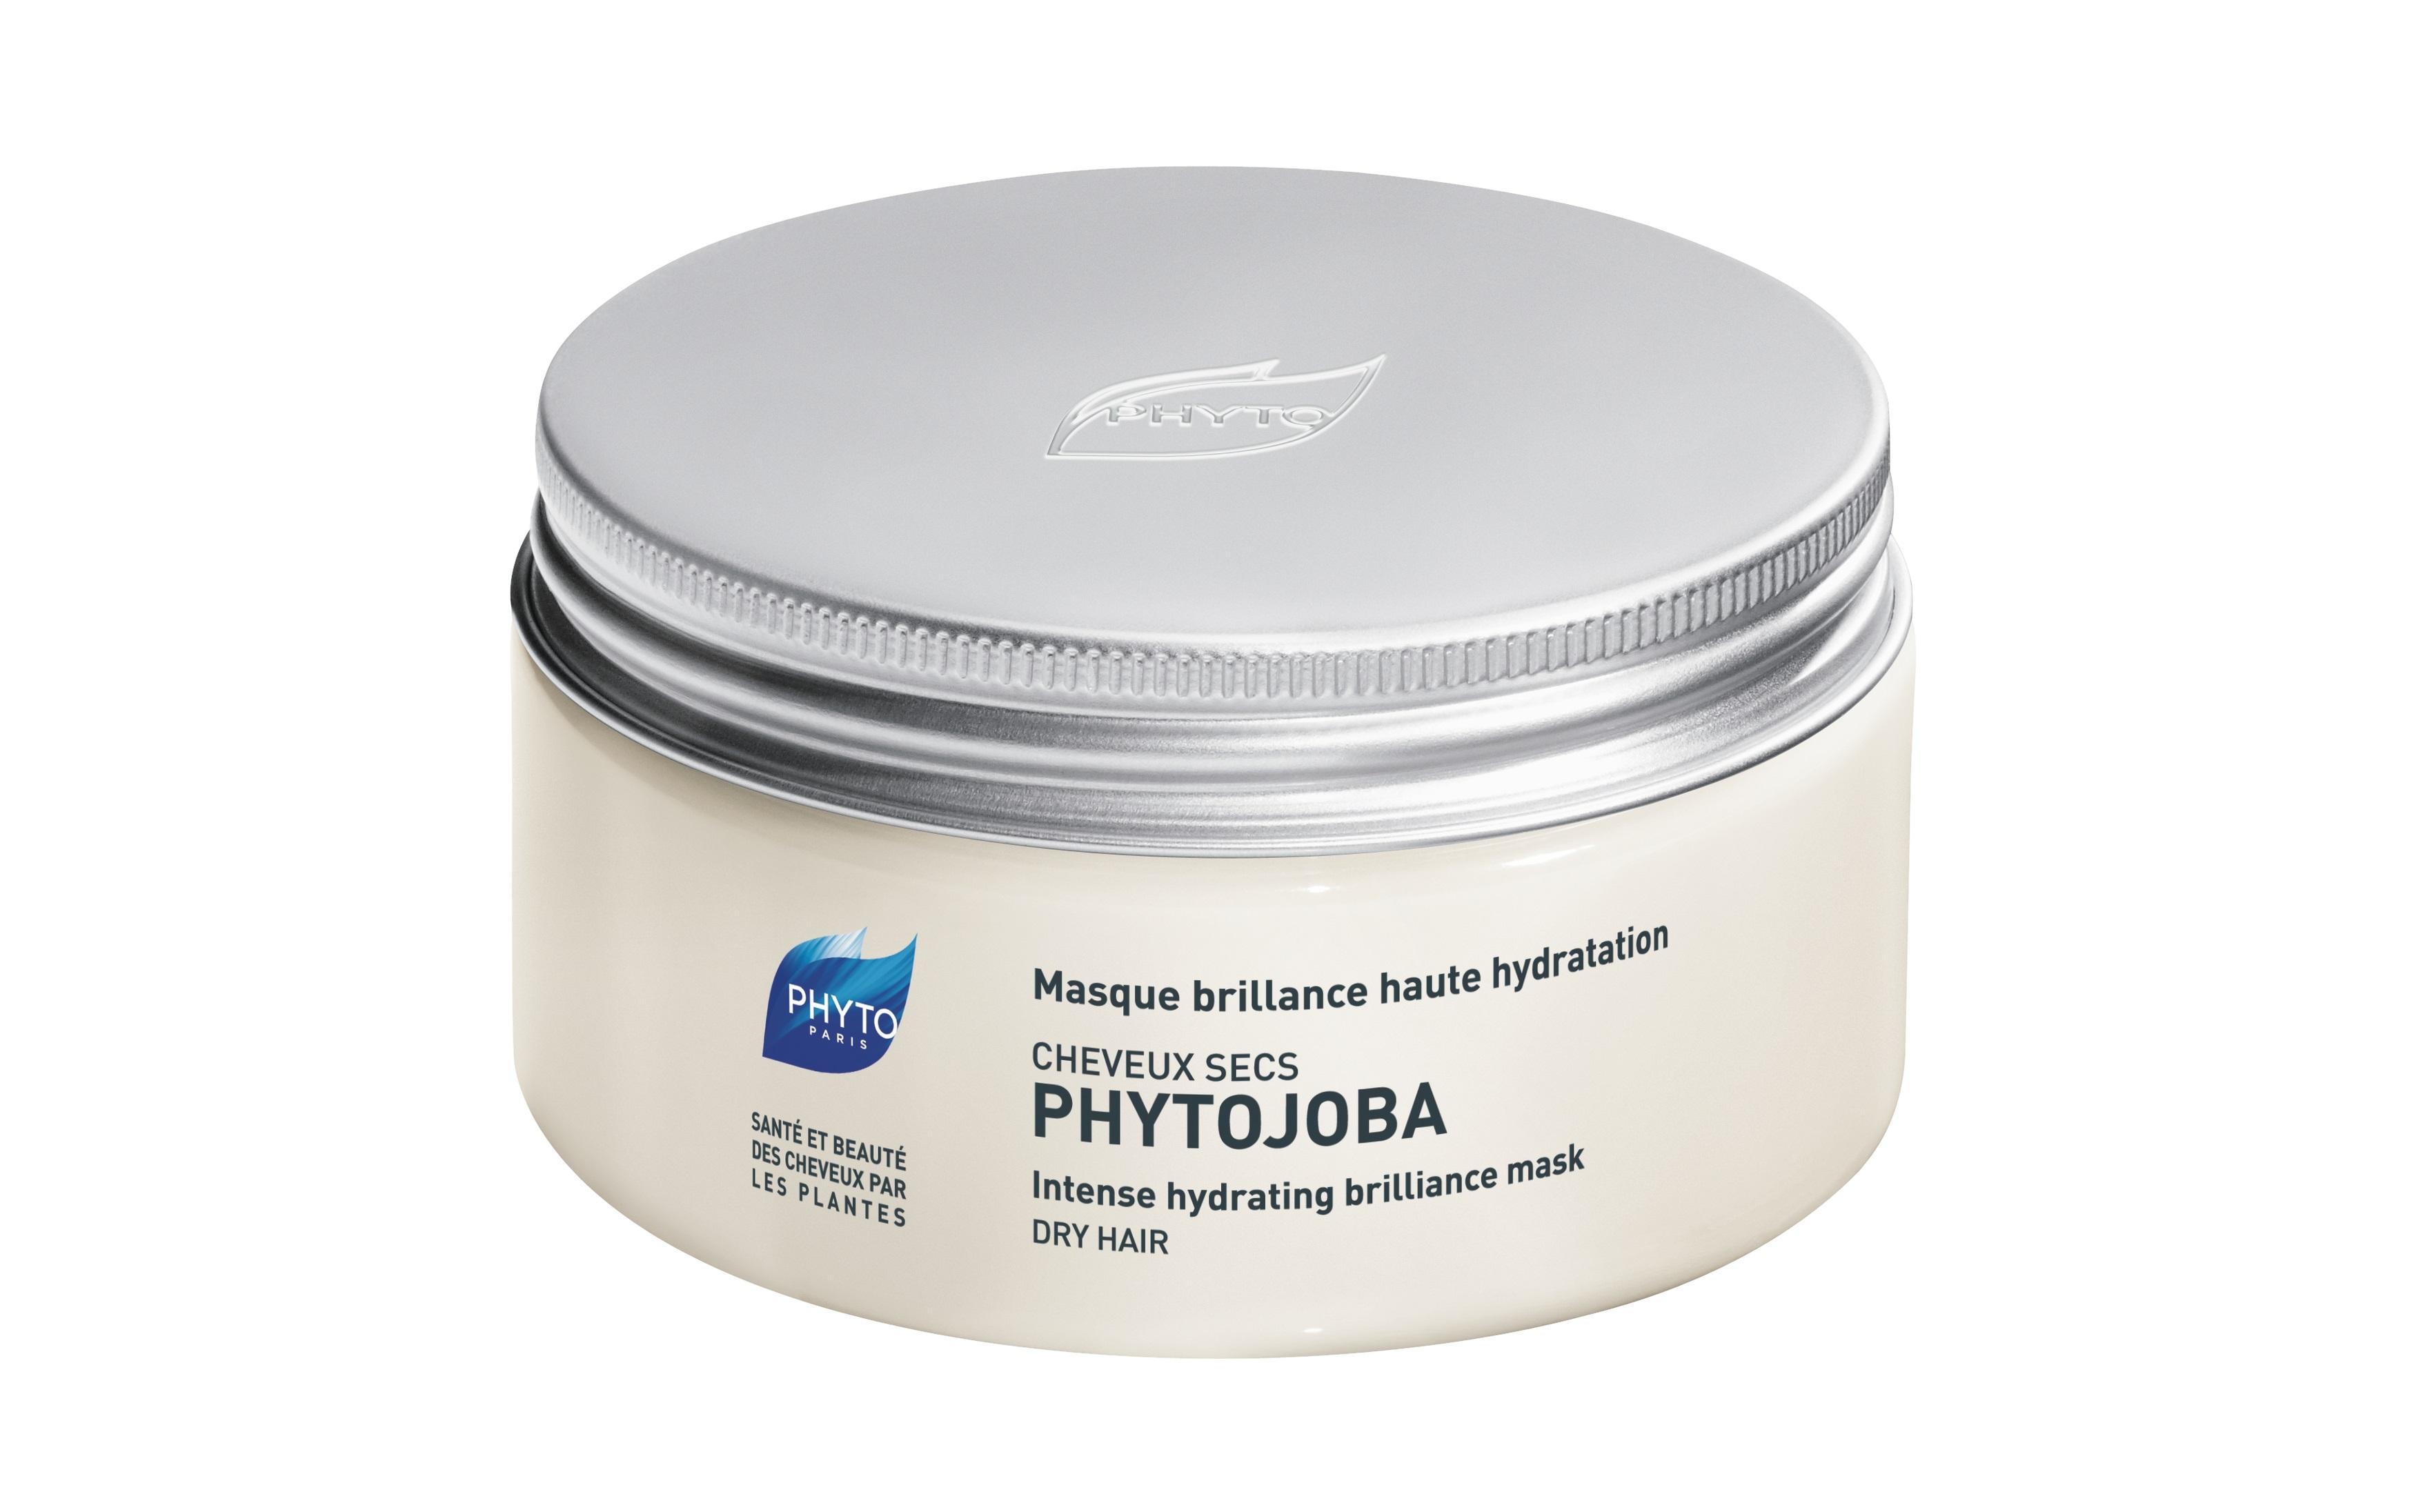 Описание наPHYTO PHYTOJOBA Masque Хидратираща Маска за Суха, Изтощена Коса х200 мл:     Този продукт на известната френскамарка Фито представлява възстановяващамаска, която еспециално разработена за незабавна хидратация и защита на сухата коса. PHYTO PHYTOJOBA Masque интензивно подхранва косата, правейки ямека и управляема, като й дава енергия и блясък.Без съдържание на силикони.    Състав наPHYTO PHYTOJOBA Masque Хидратираща Маска за Суха, Изтощена Коса х200 мл:     Съдържа: - масло от жожоба; - комбинация от етерични масла от южноафрикански сладък портокал, екстракт от семена и корен на ангелика (75%); - екстракт от ангелика.